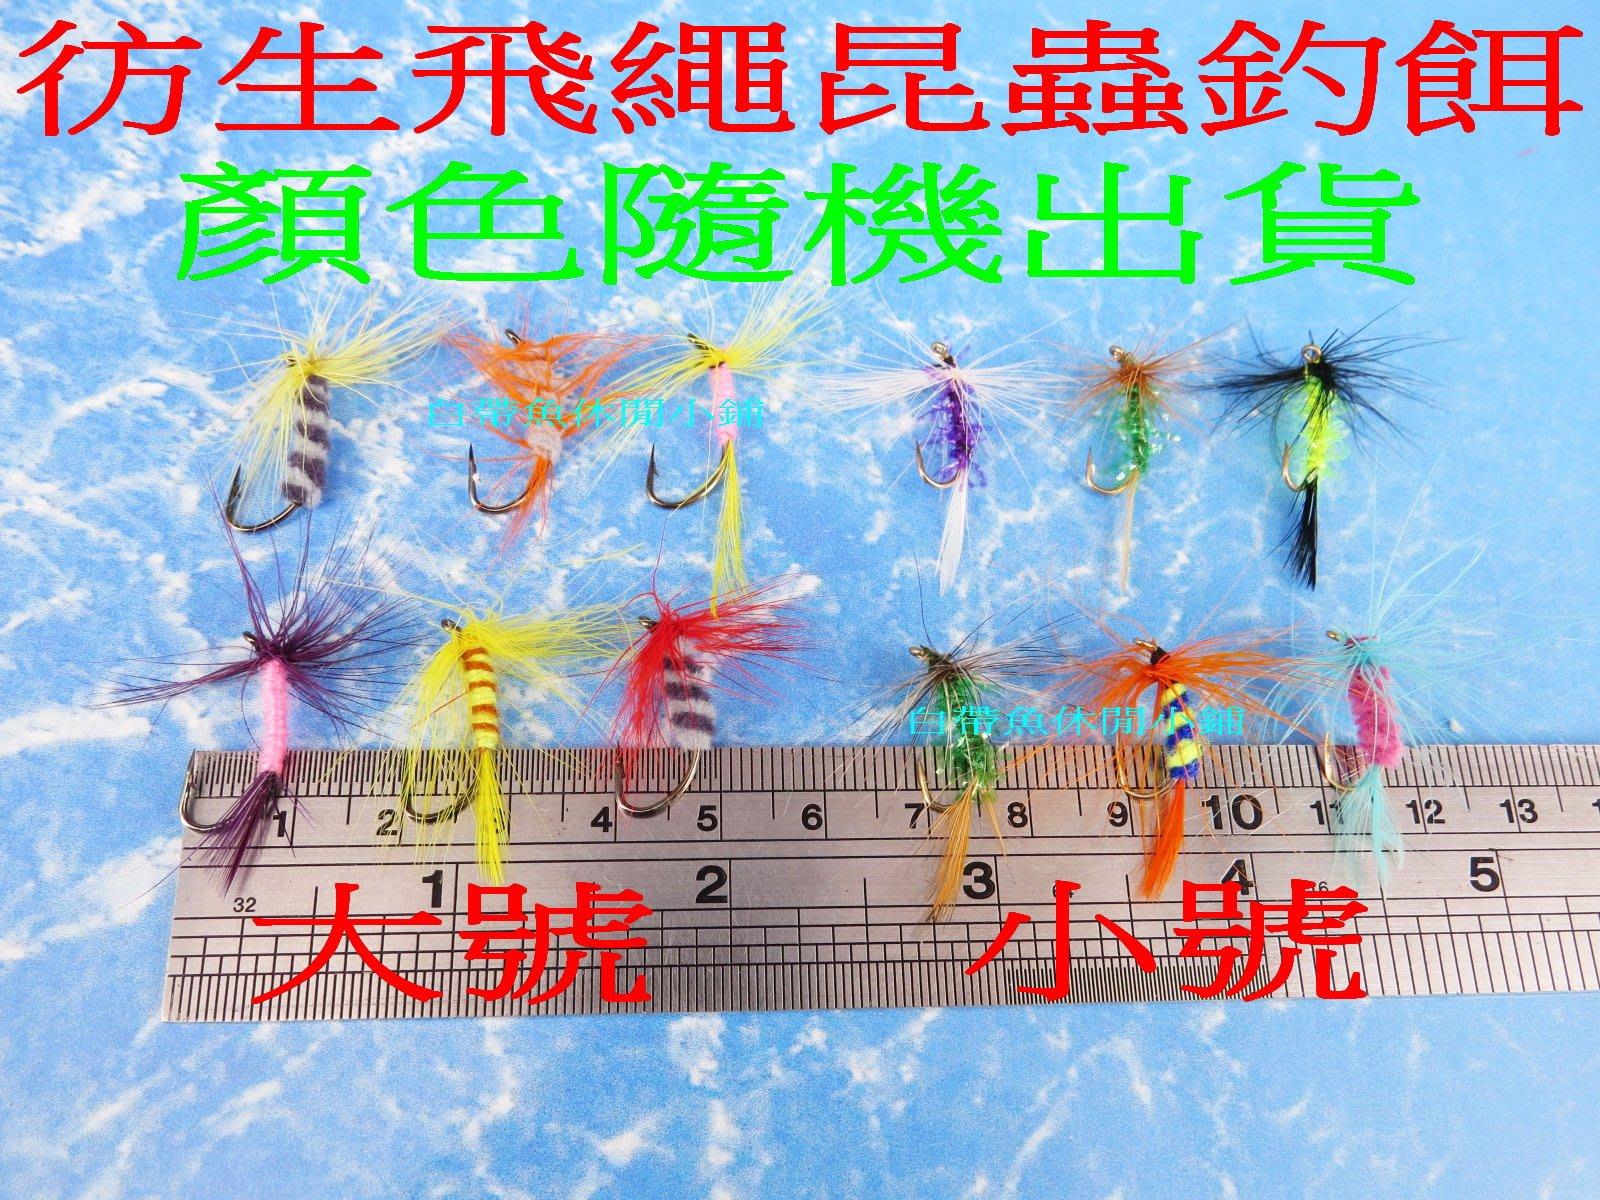 (訂單滿500超取免運費) 白帶魚休閒小鋪 CR-002-小號 飛餌毛鉤 各種 路亞 假餌 路亞助投器 擬餌